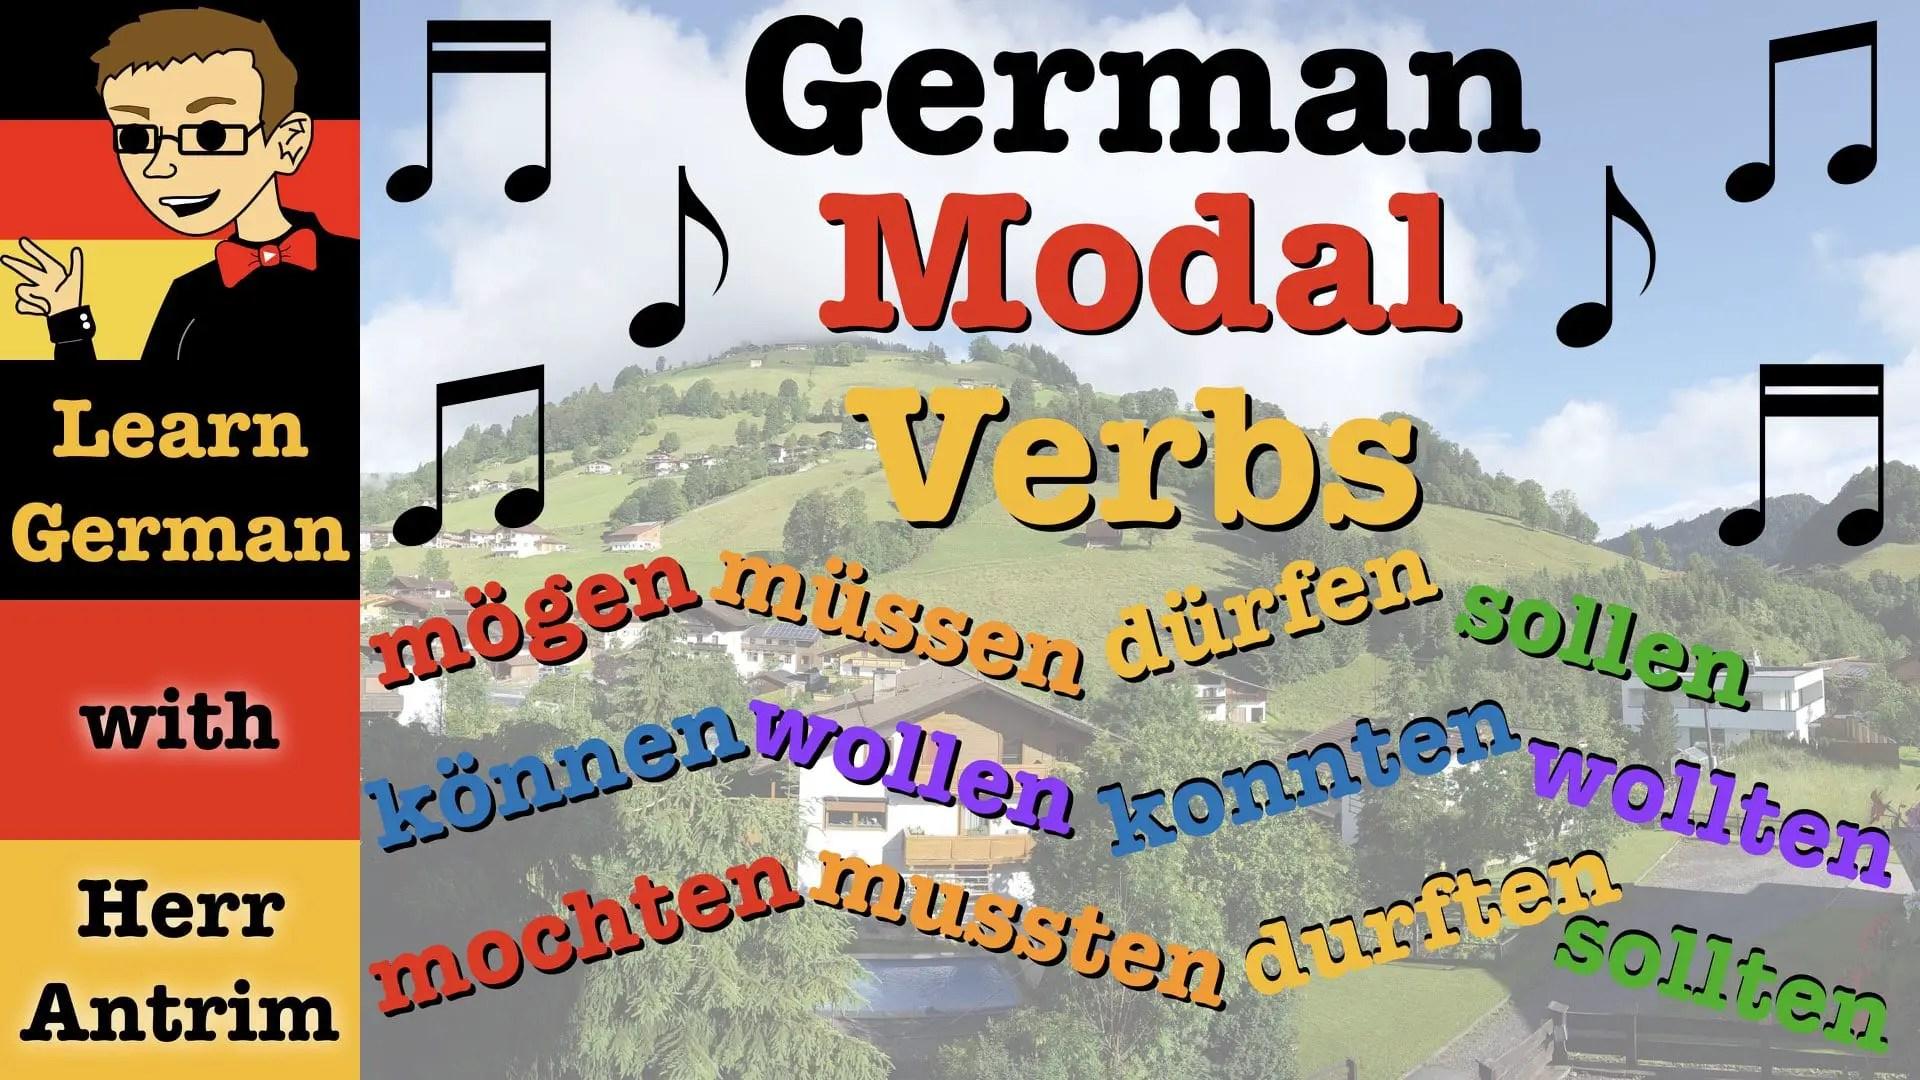 German Modal Verbs Song